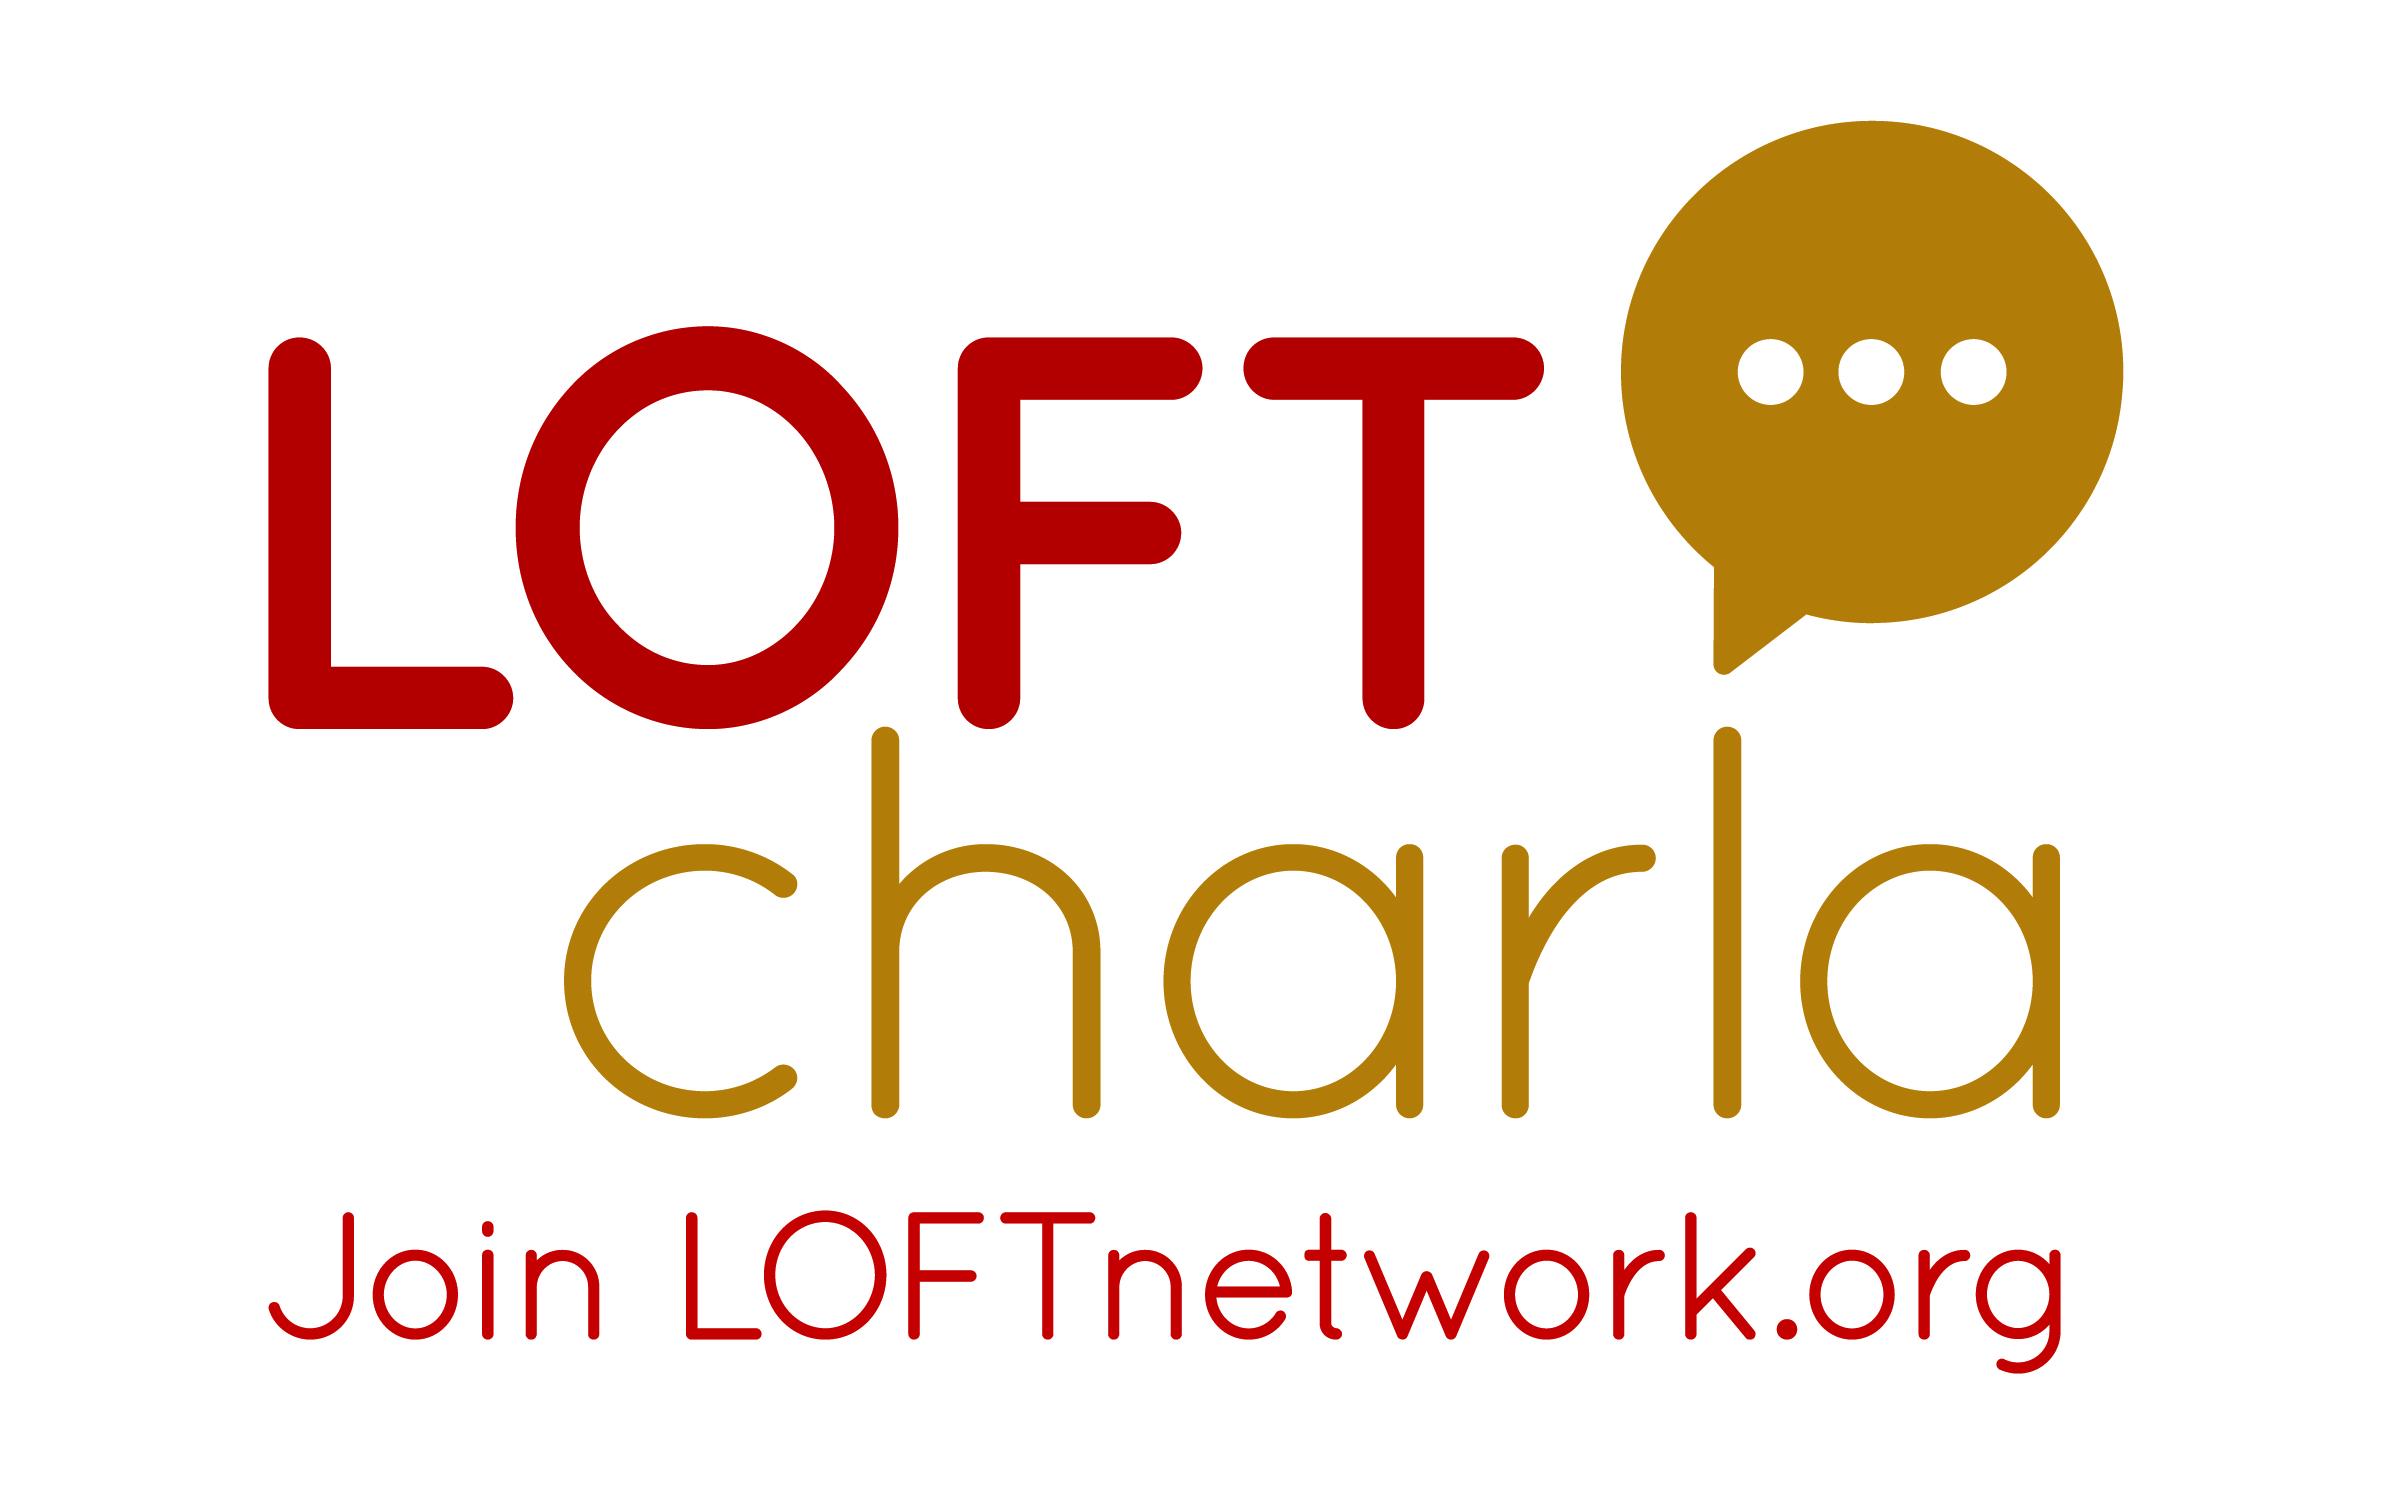 LOFT_Charla_Logo_CMYK_wTagline